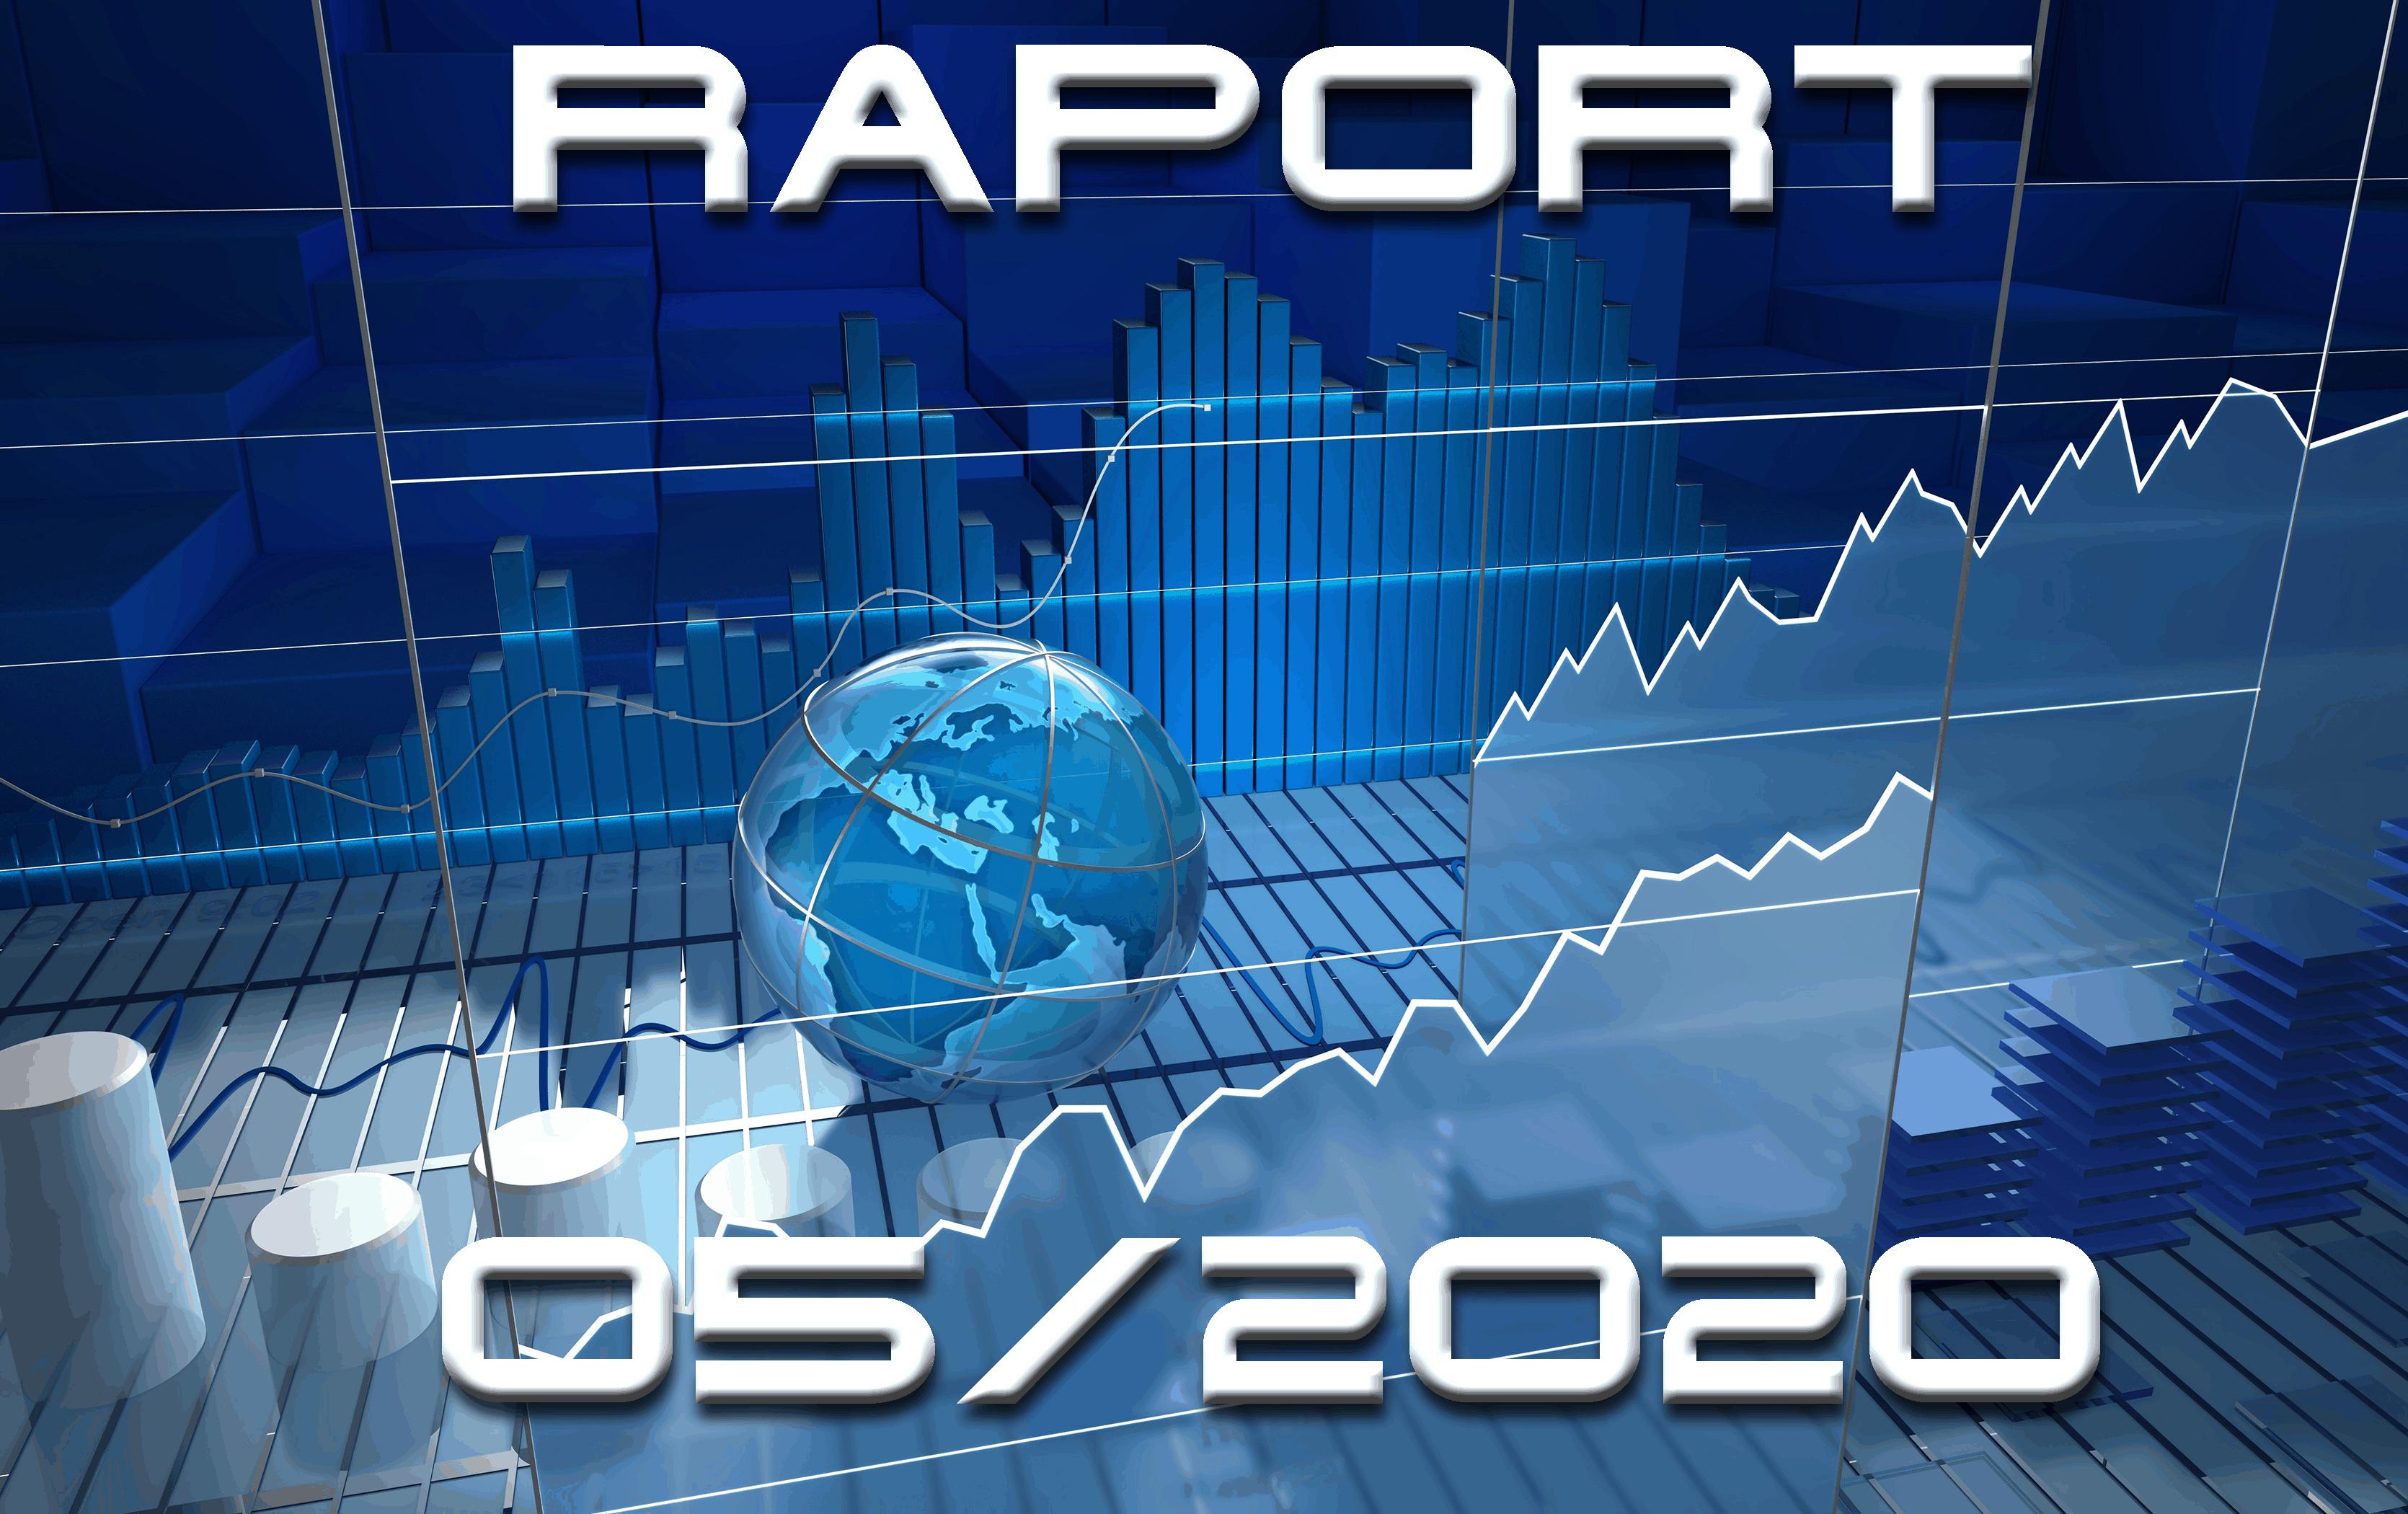 intraday'owa statystyka - raport maj 2020